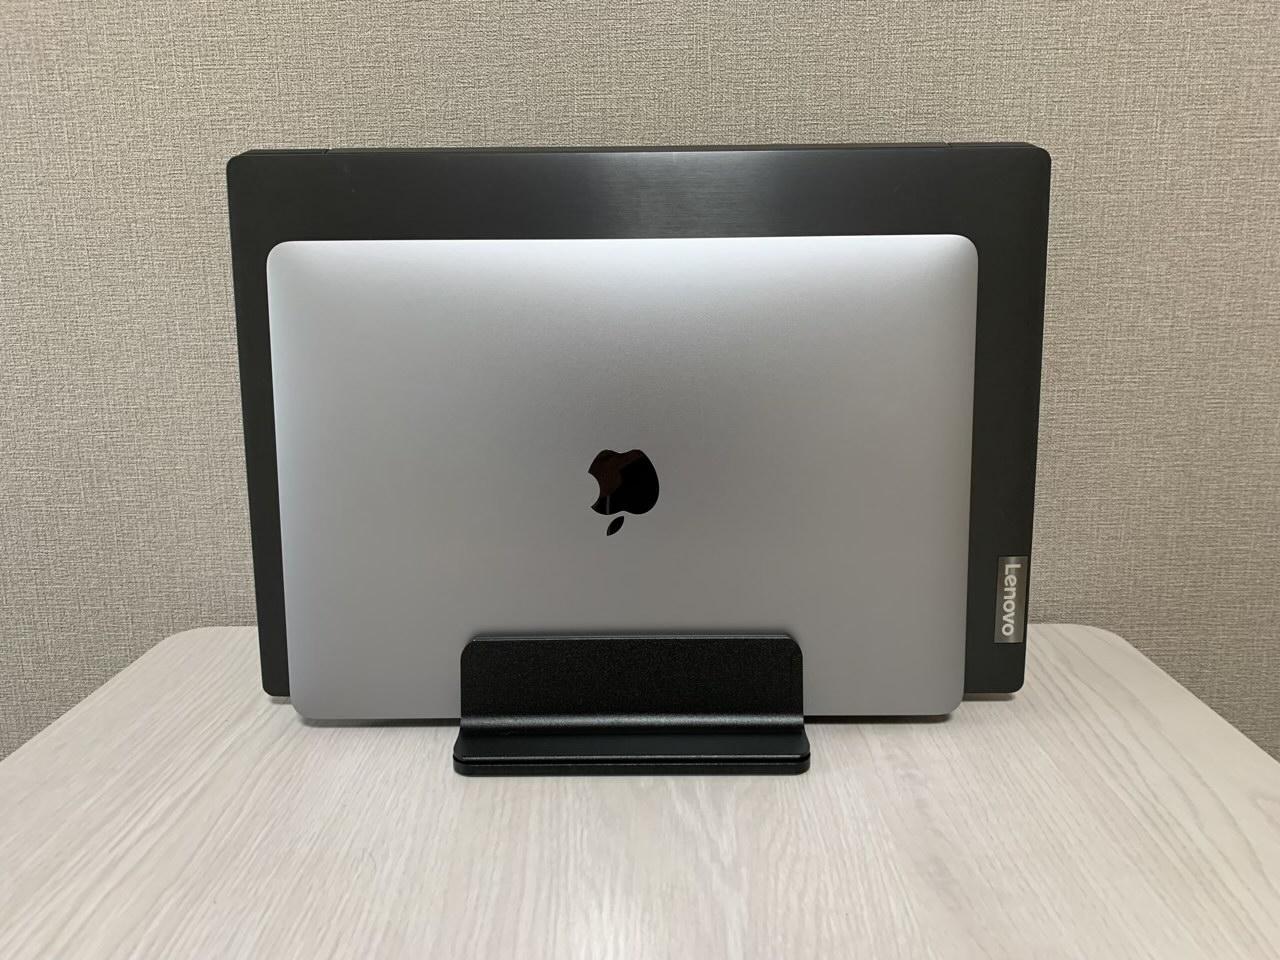 まとめ:2台のパソコンをコンパクトに収納したい方におすすめ!